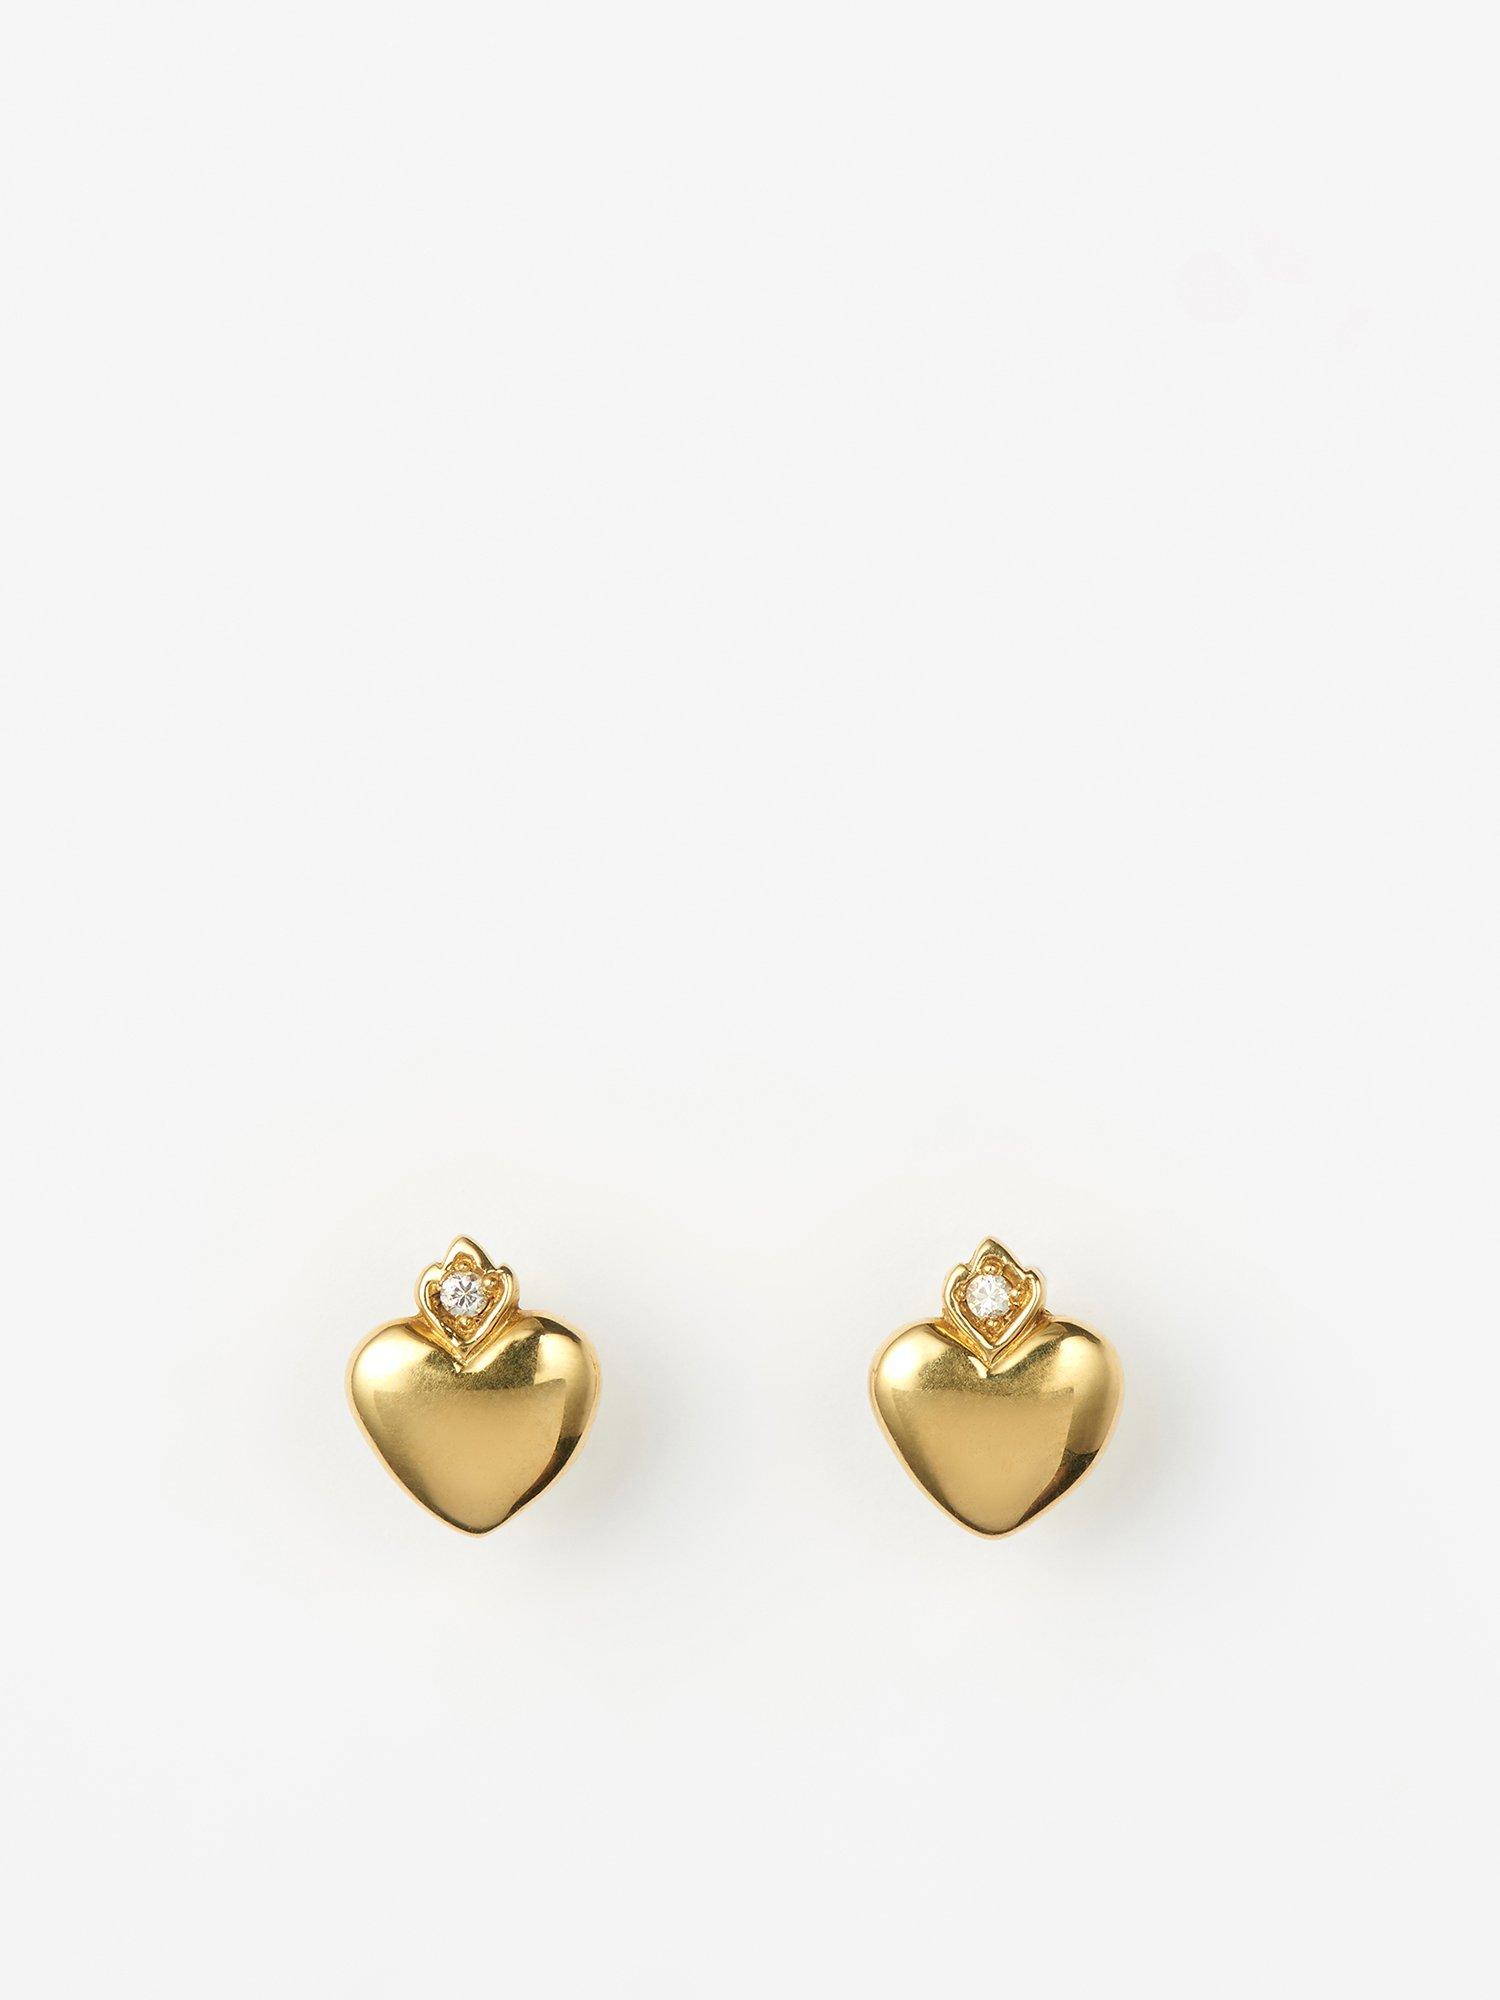 HELIOS / Old heart earrings